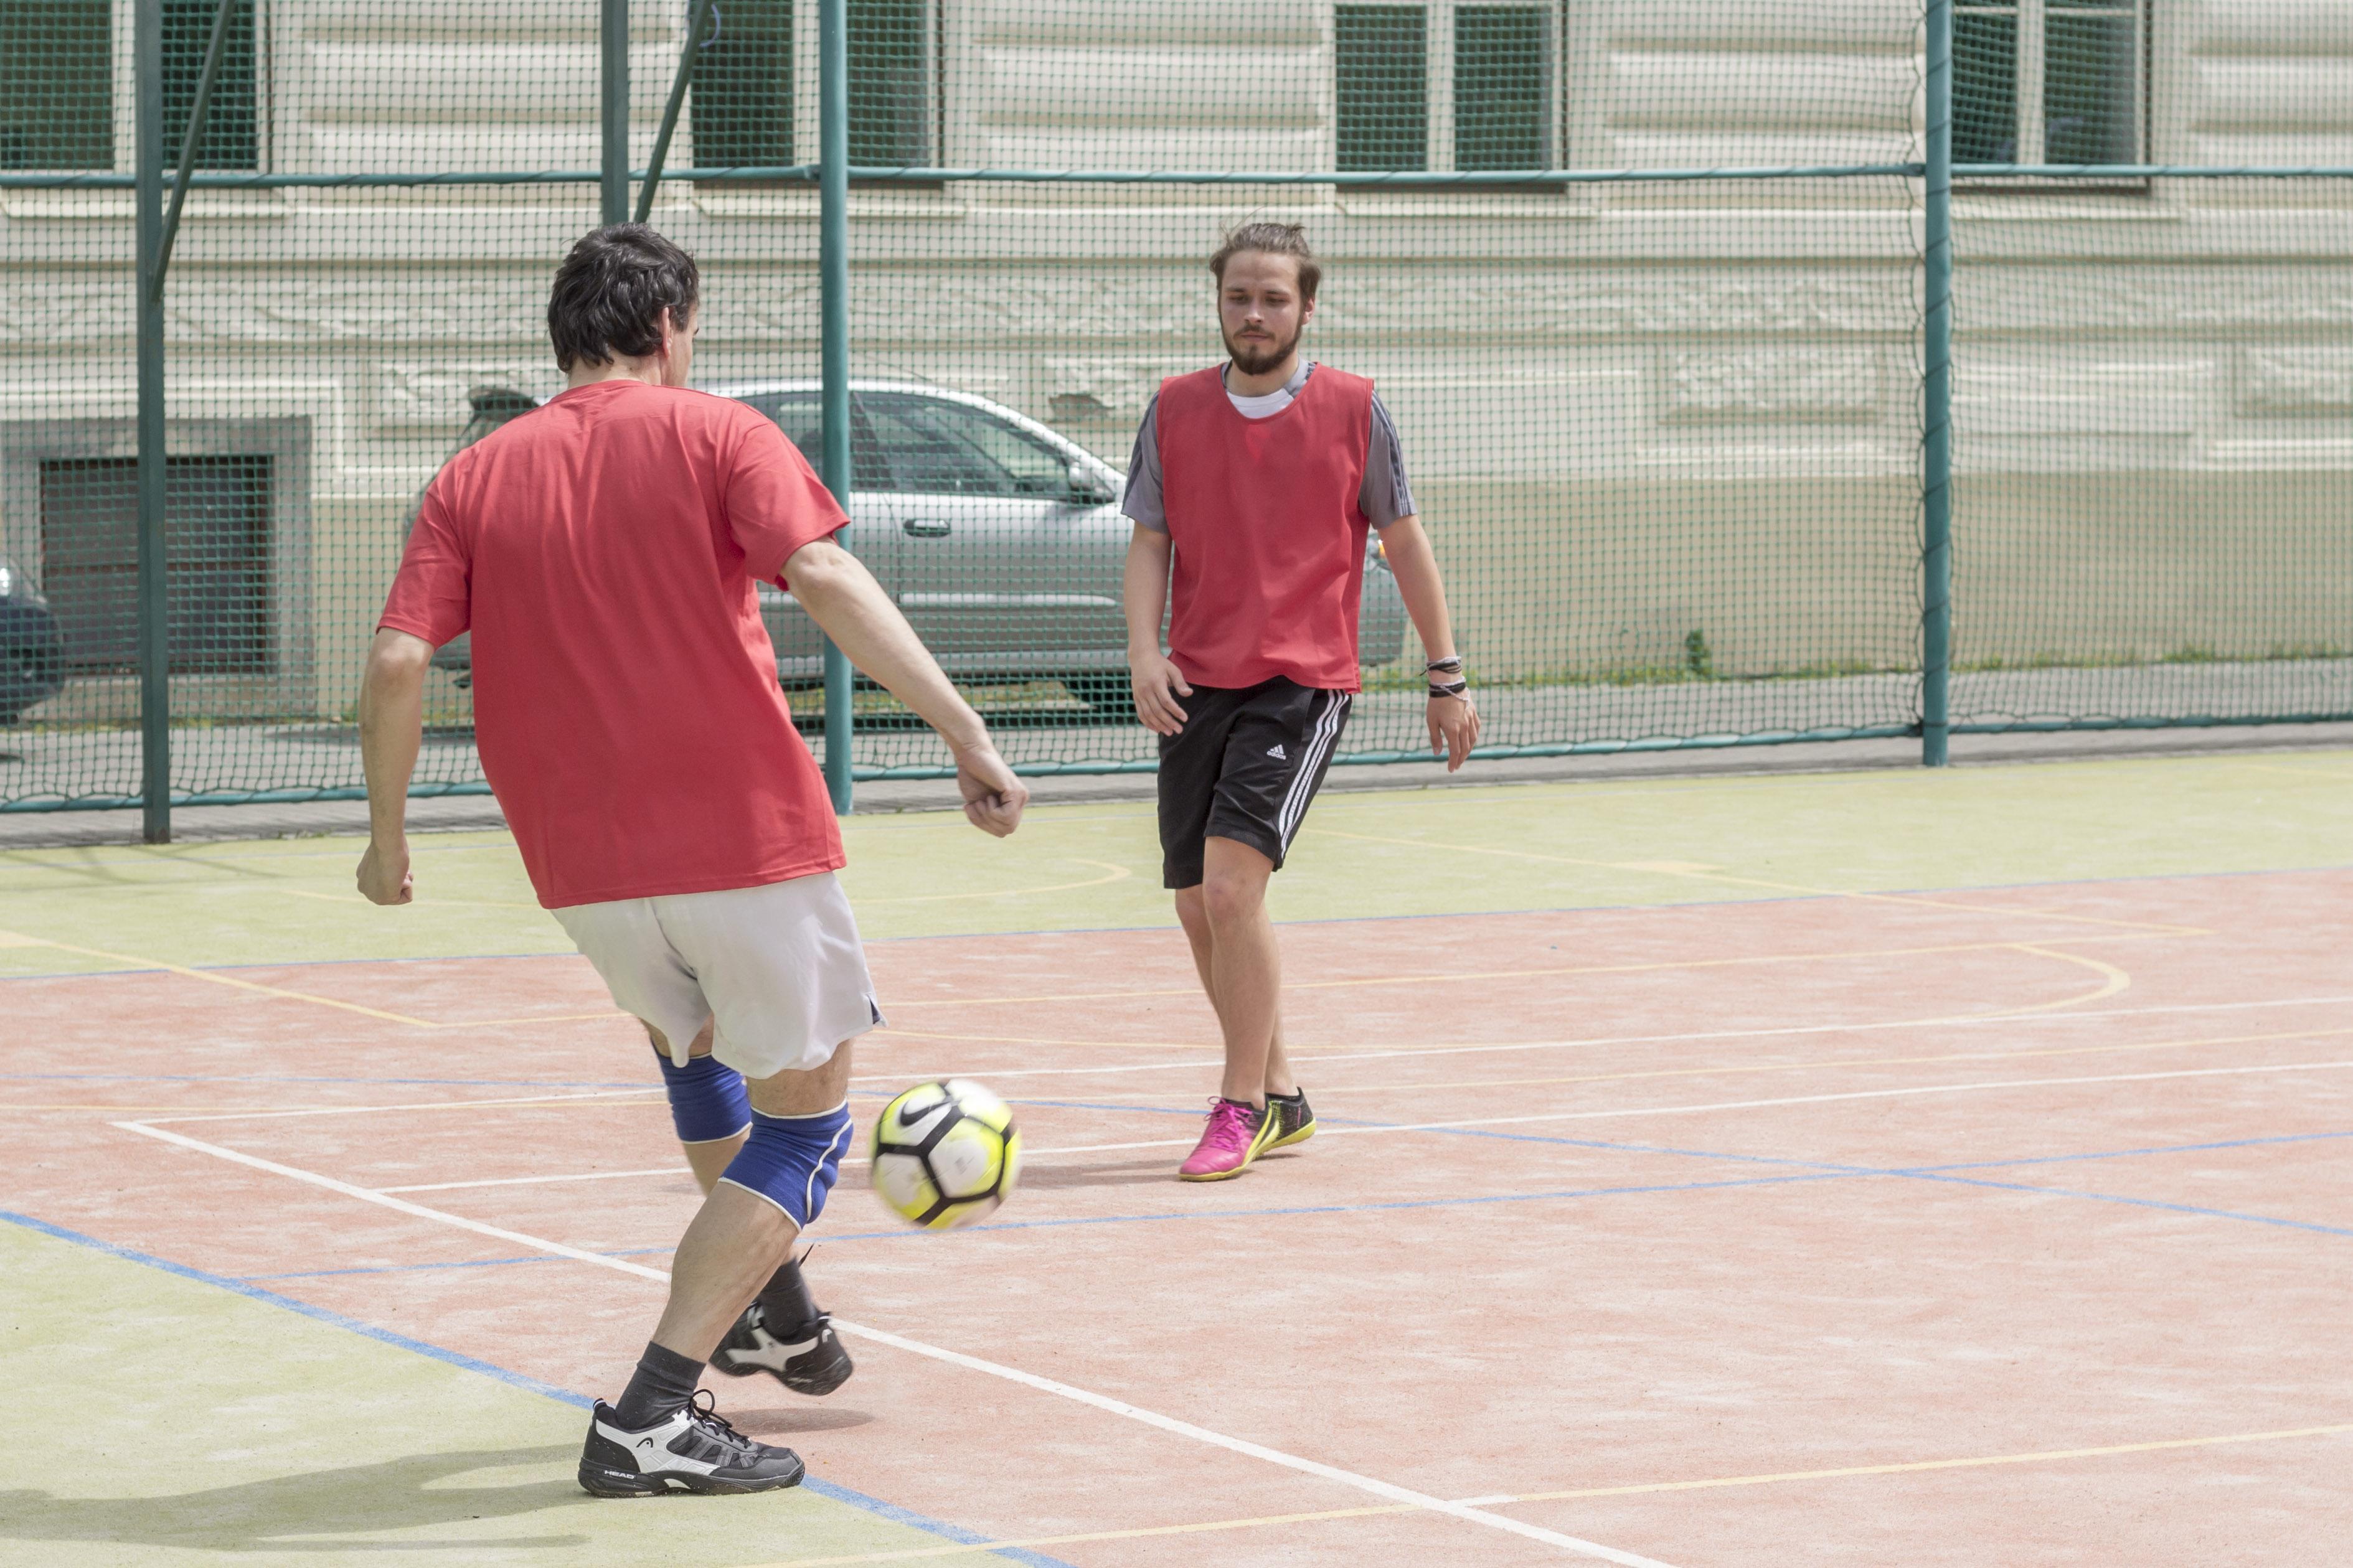 fotbal-30.jpg